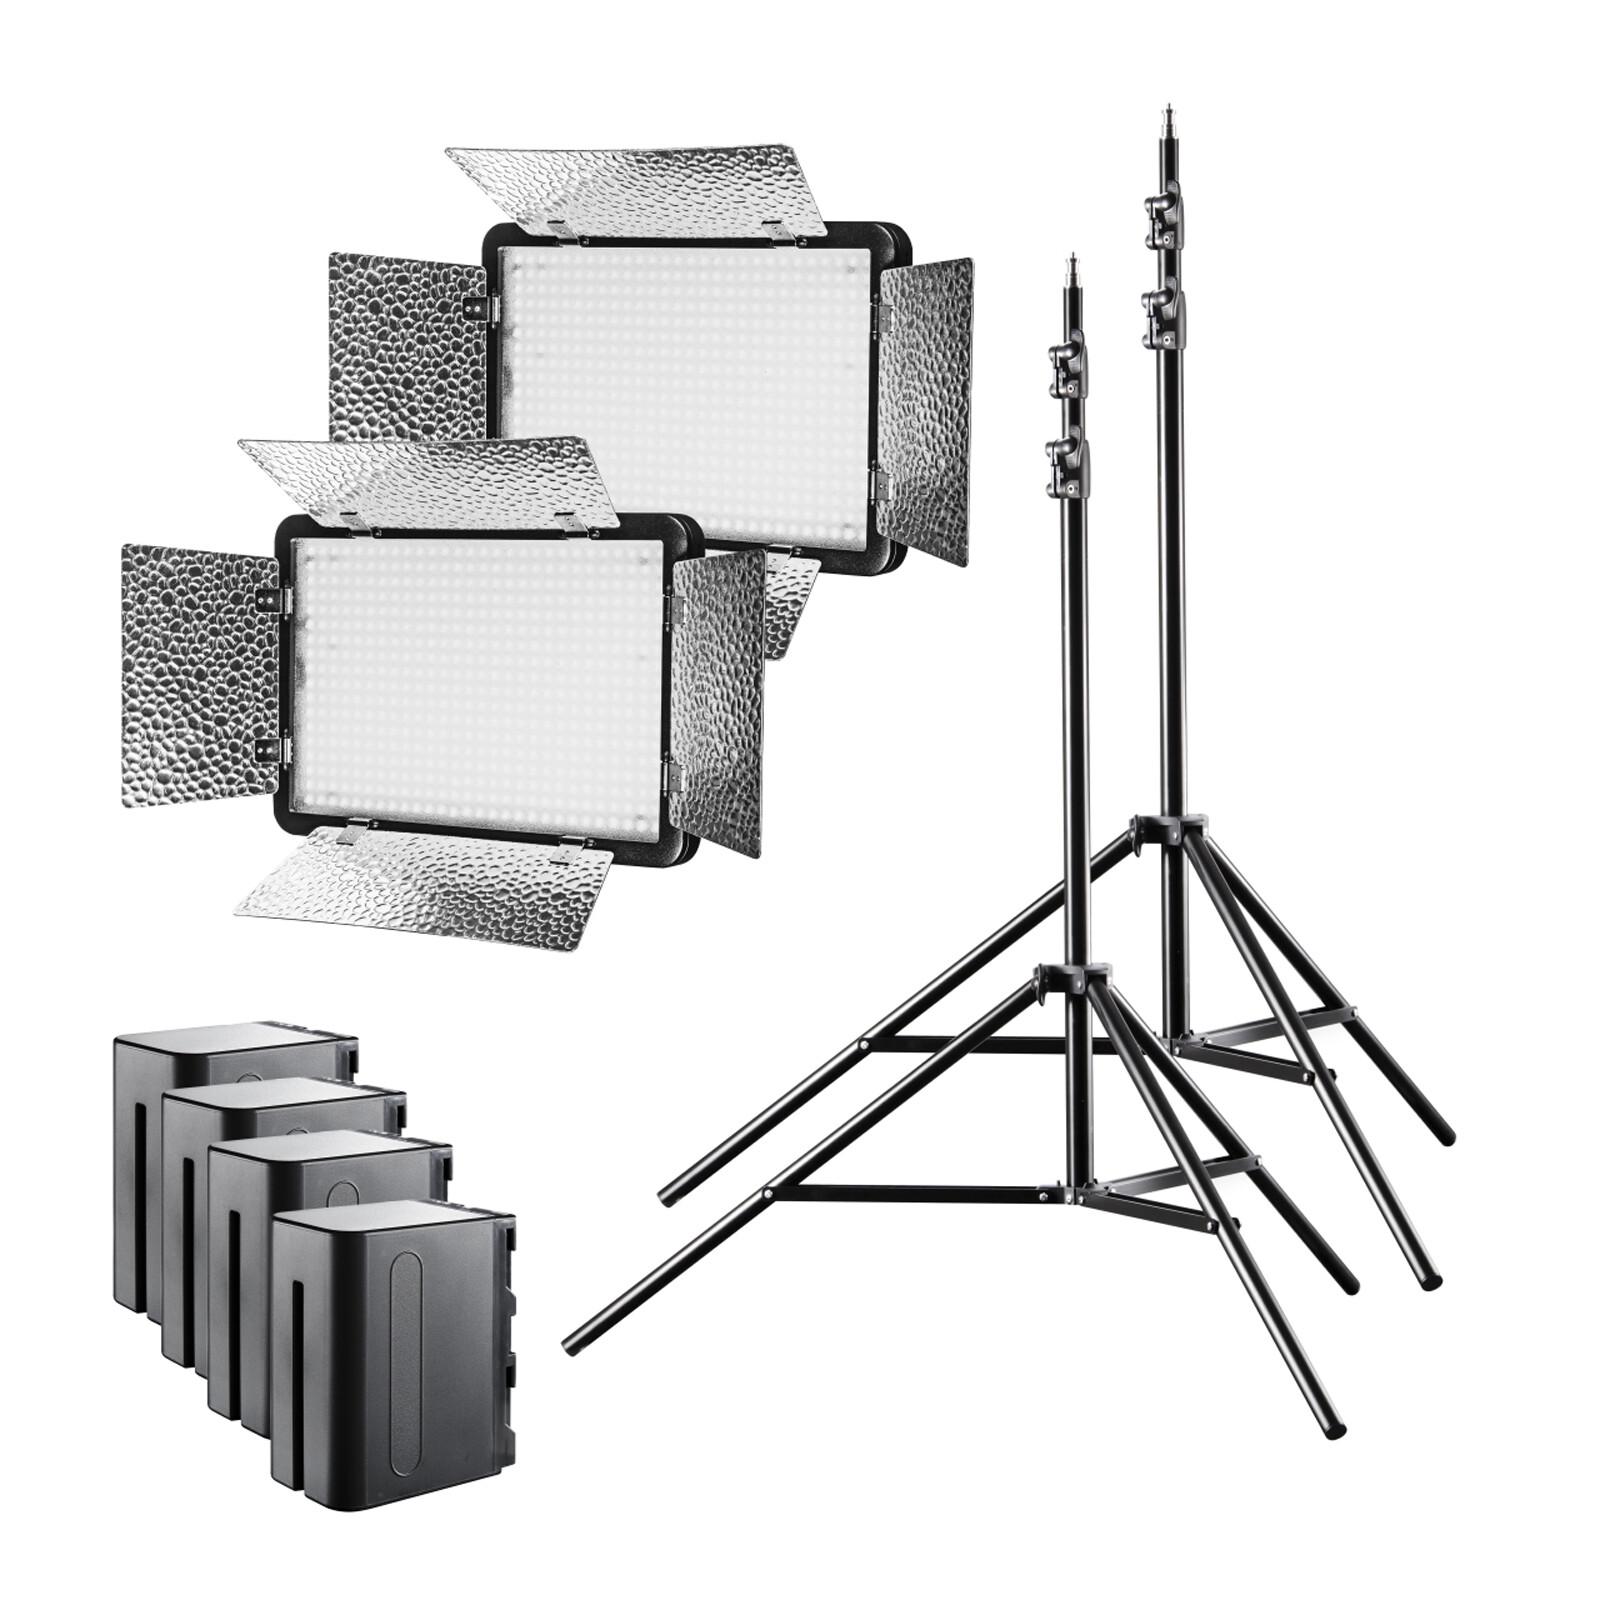 walimex pro LED 500 Versalight Daylight Set2 Akku